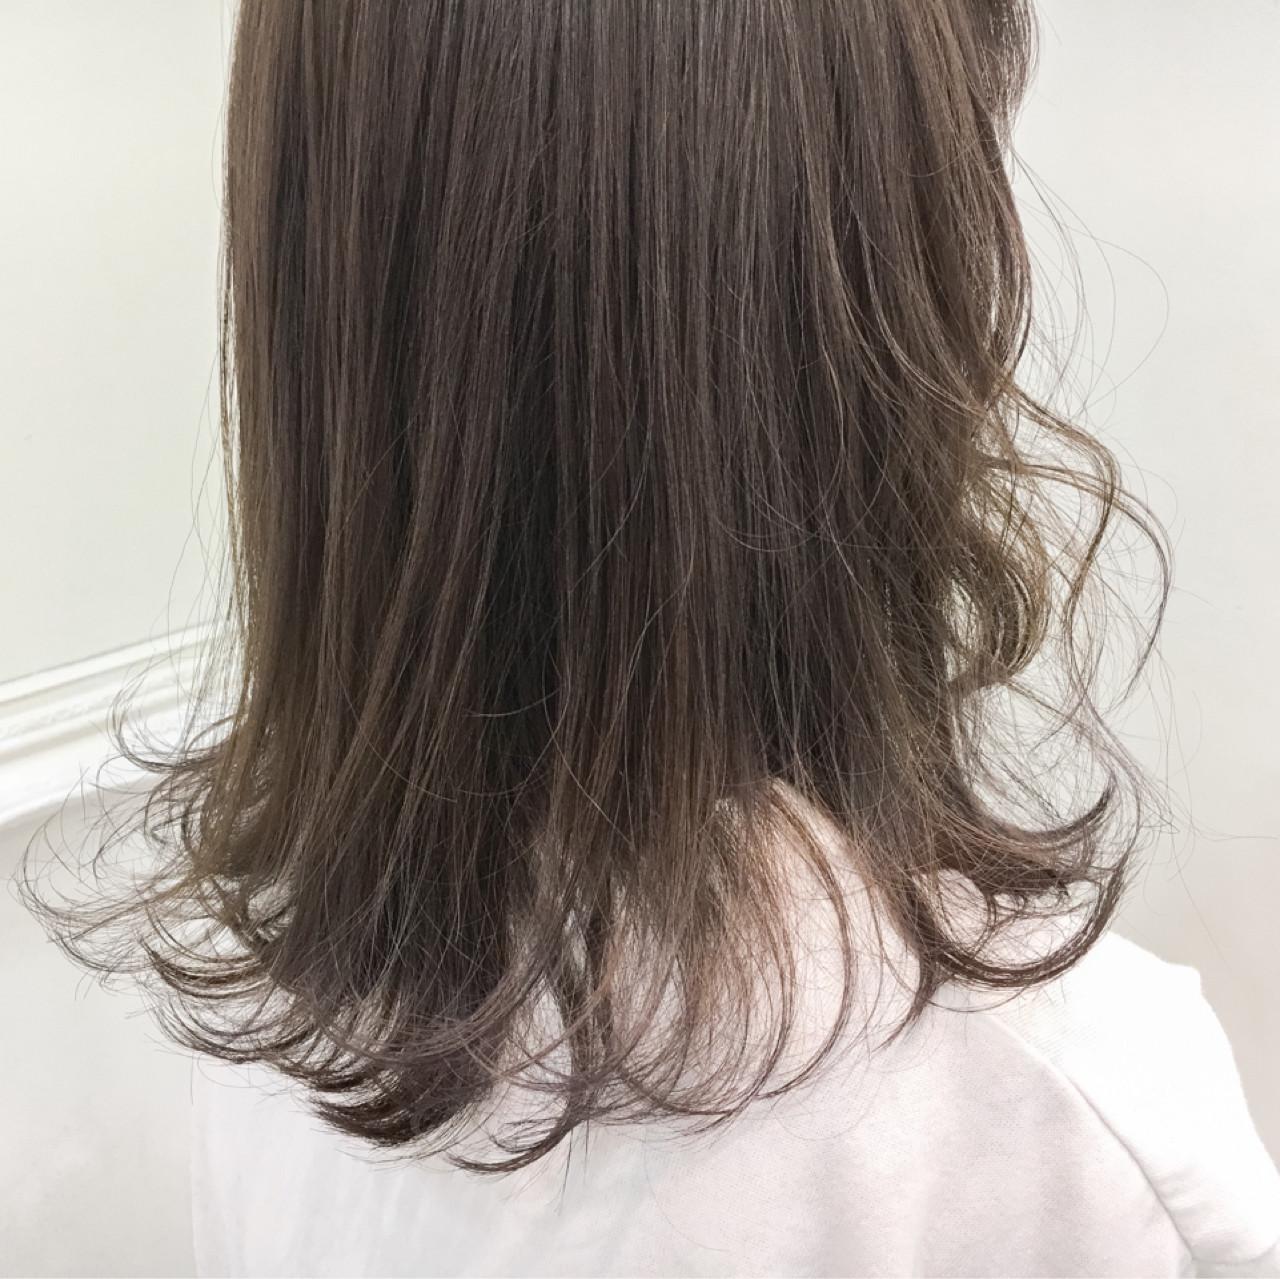 透明感 セミロング 冬 秋 ヘアスタイルや髪型の写真・画像 | 齊藤 禎 / AUBE hair gran